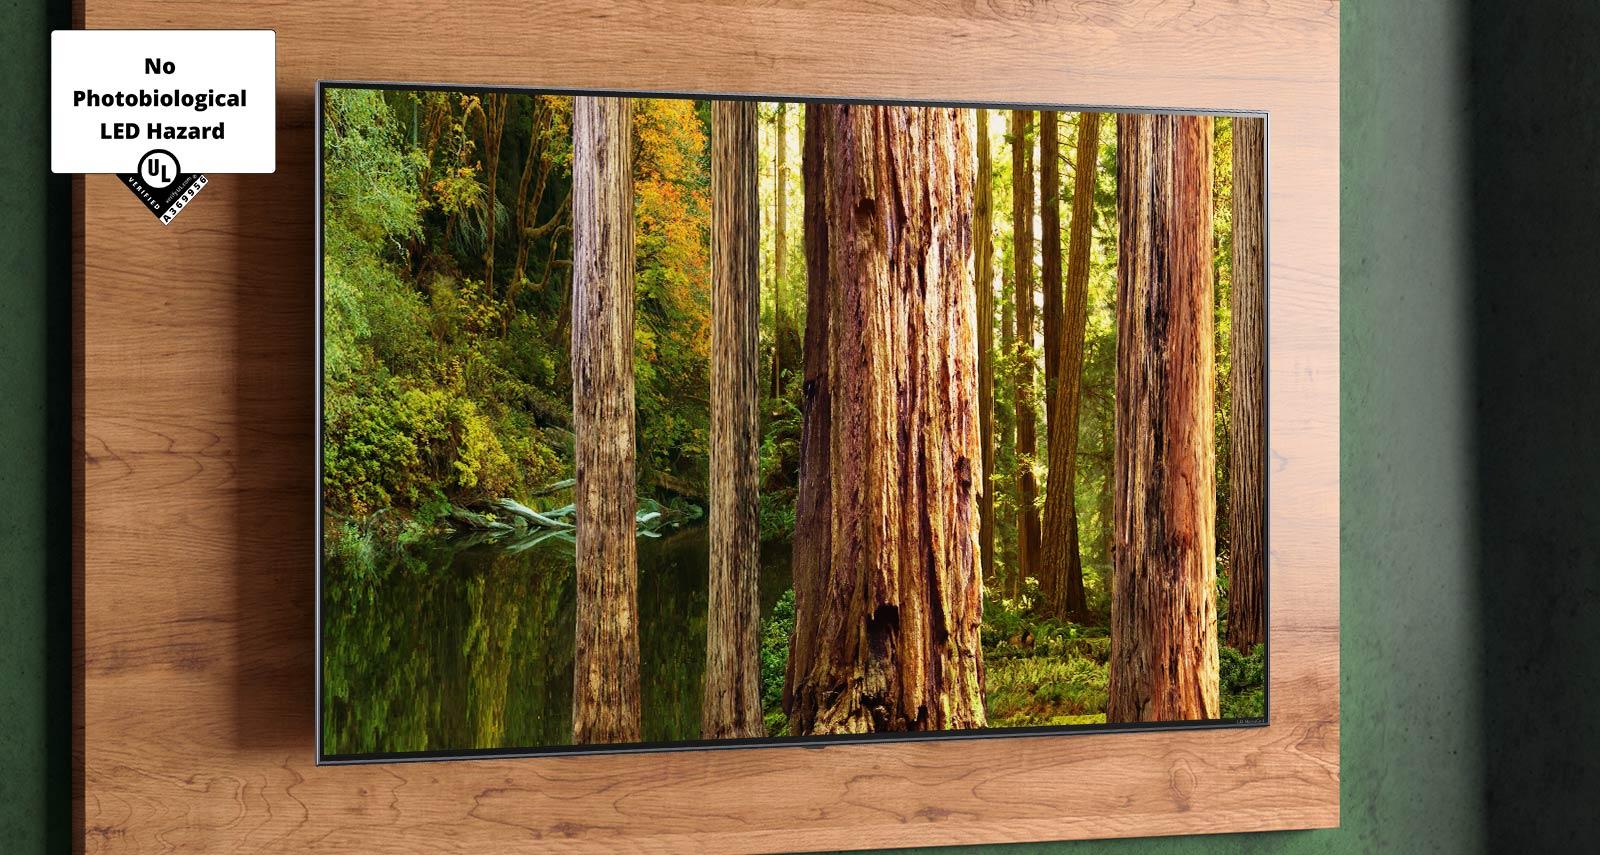 Slika gozda na TV zaslonu